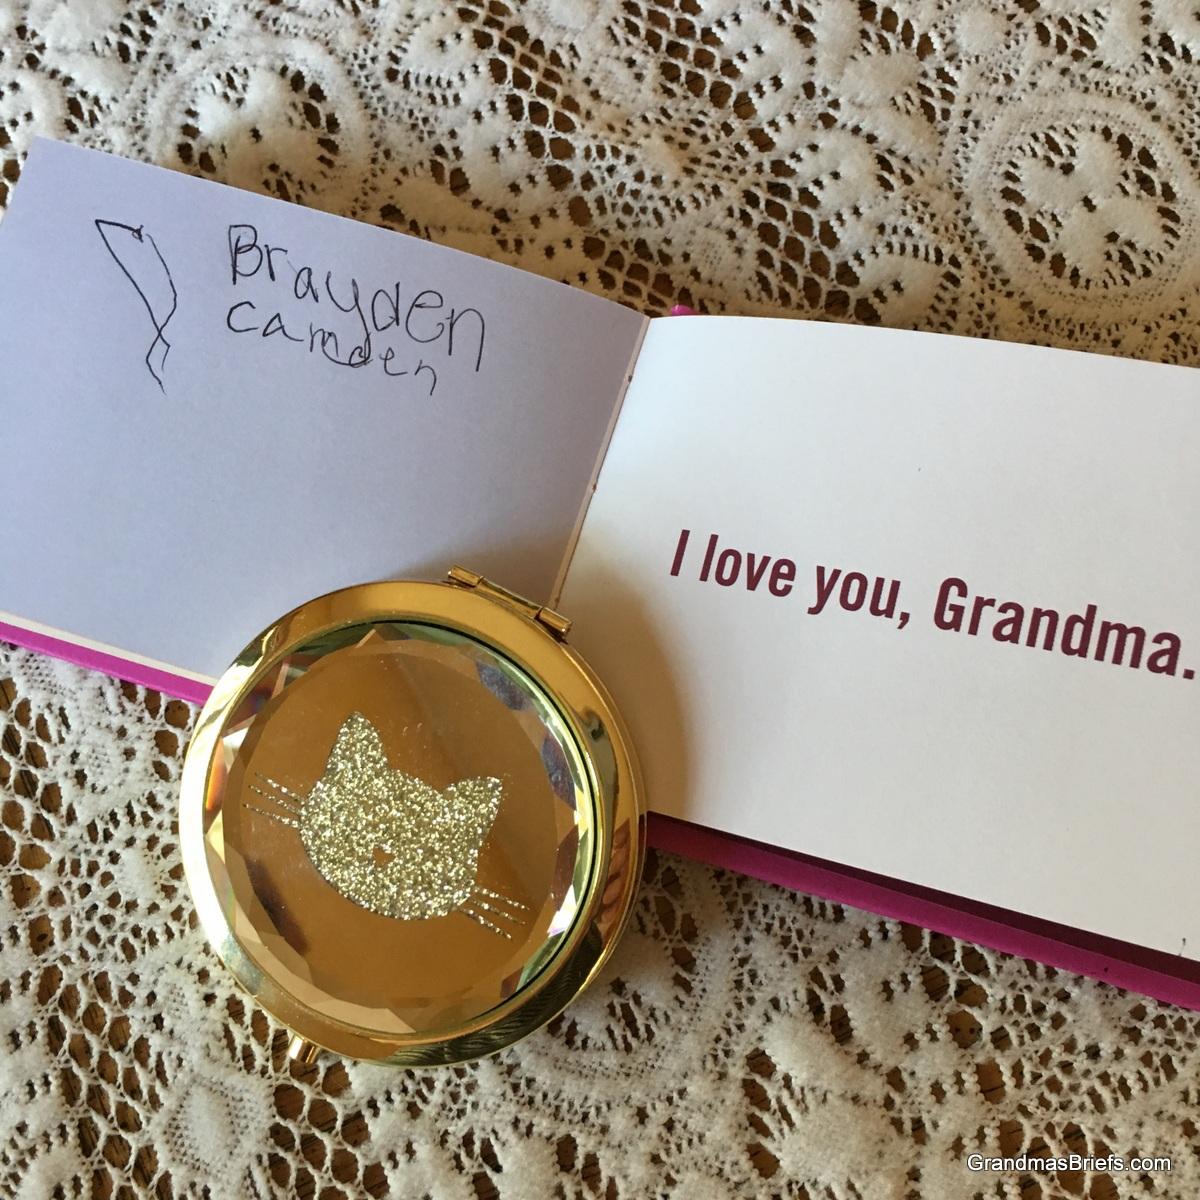 grandson signatures in book.JPG